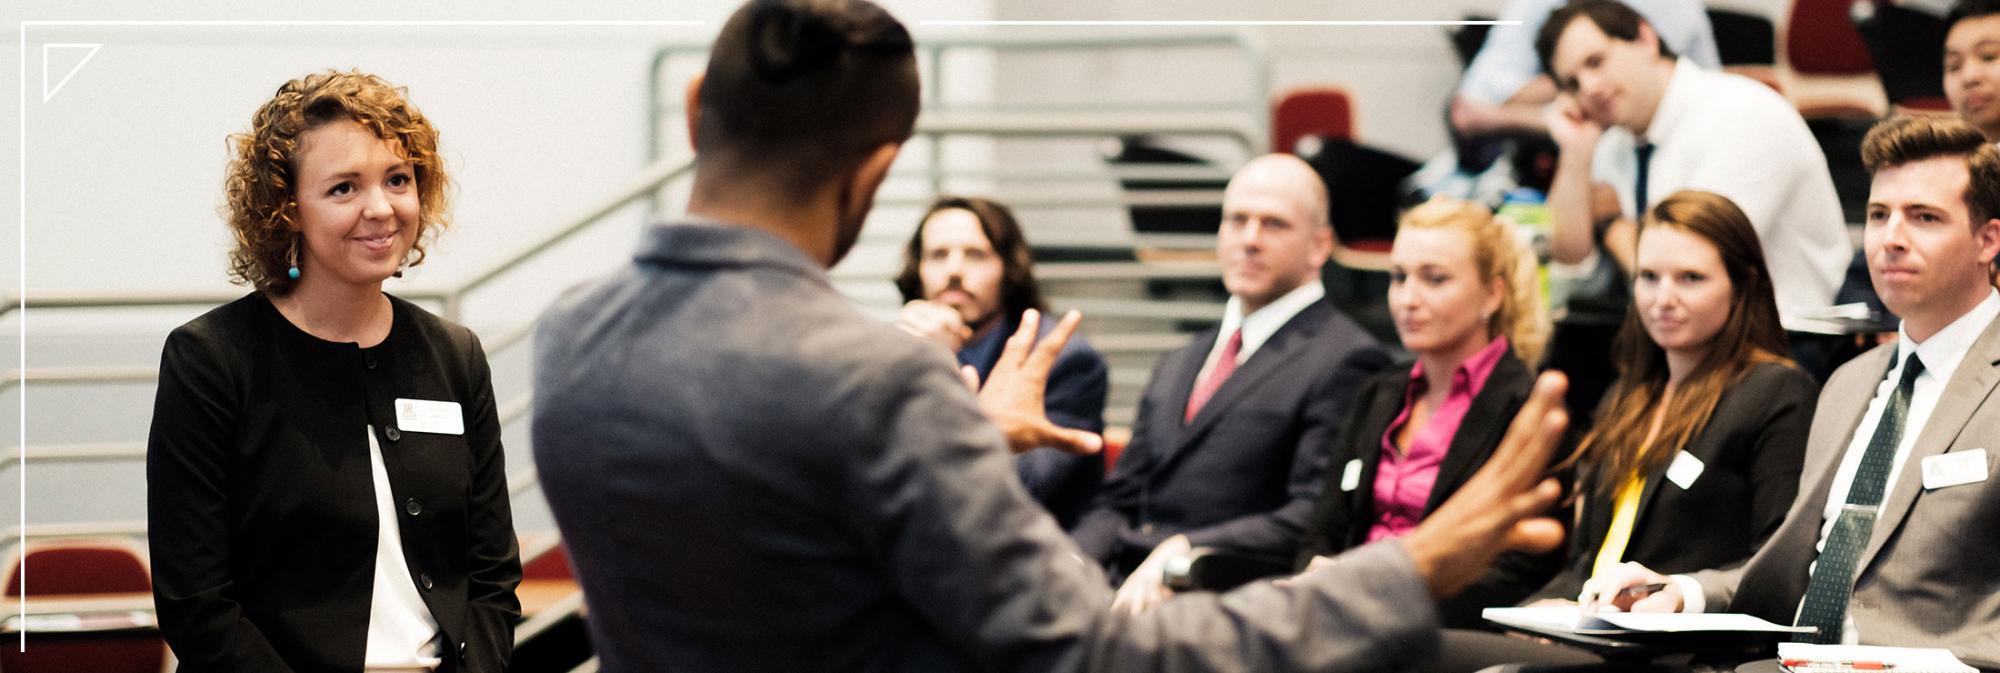 Collegiate Ethics Case Competition